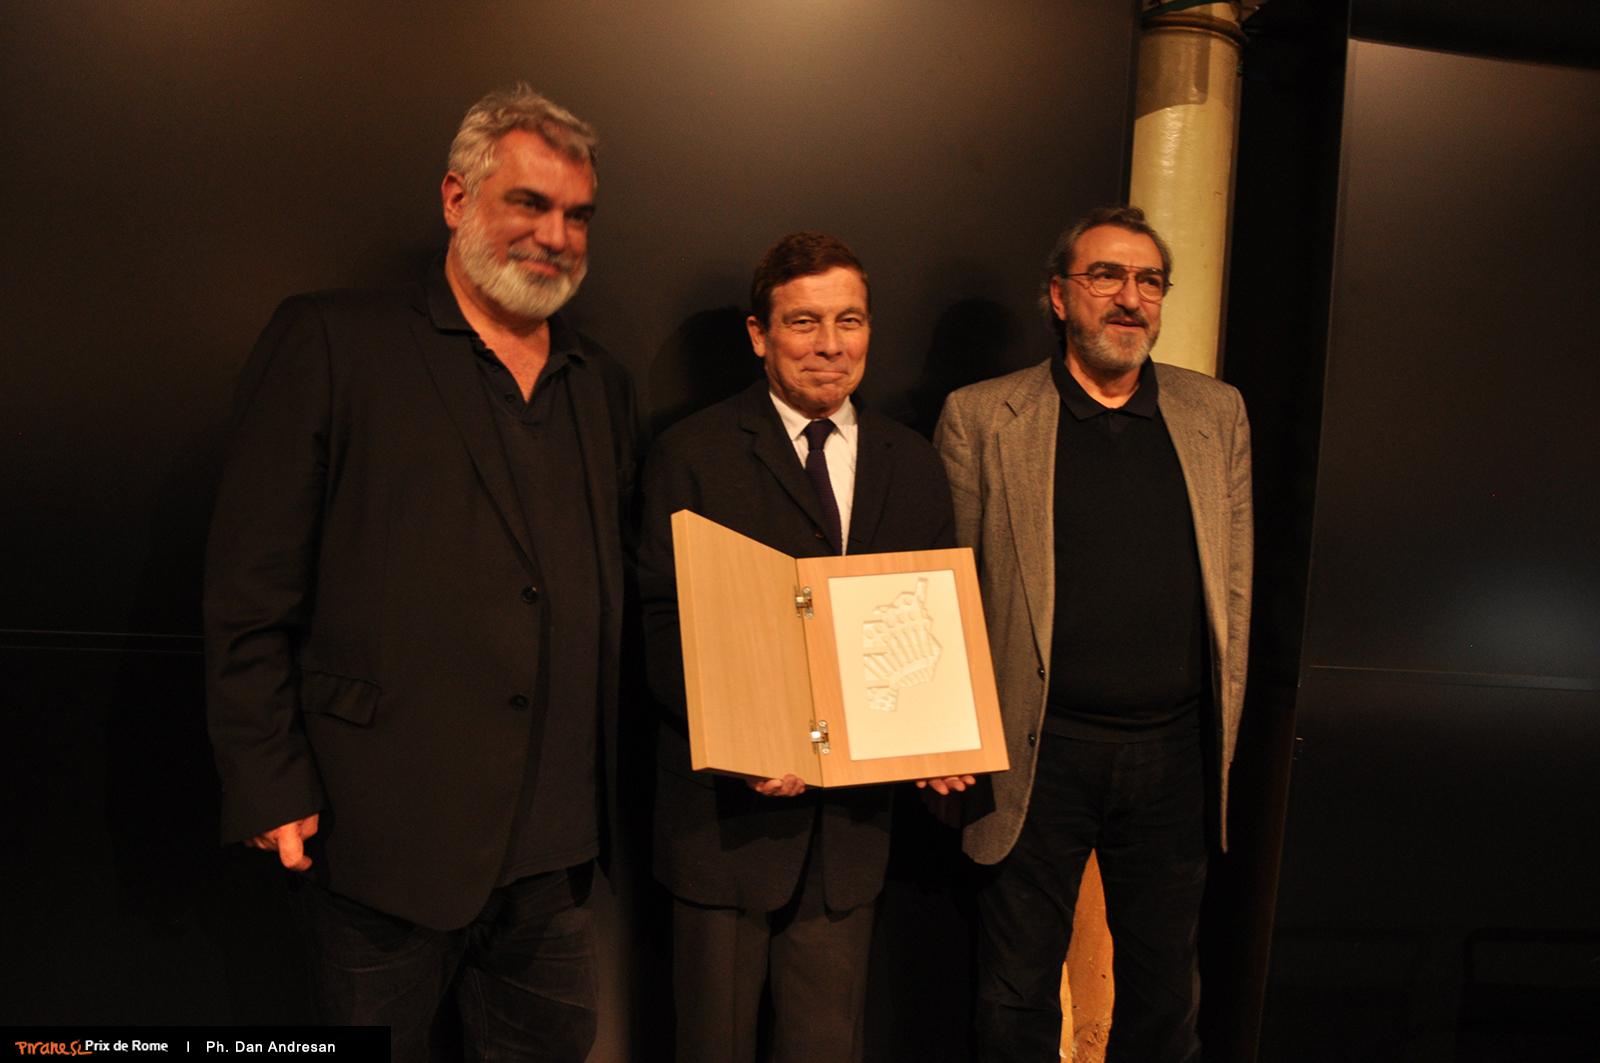 Piranesi Prix de Rome 2018 ad Alberto Campo Baeza. Accademia Adrianea